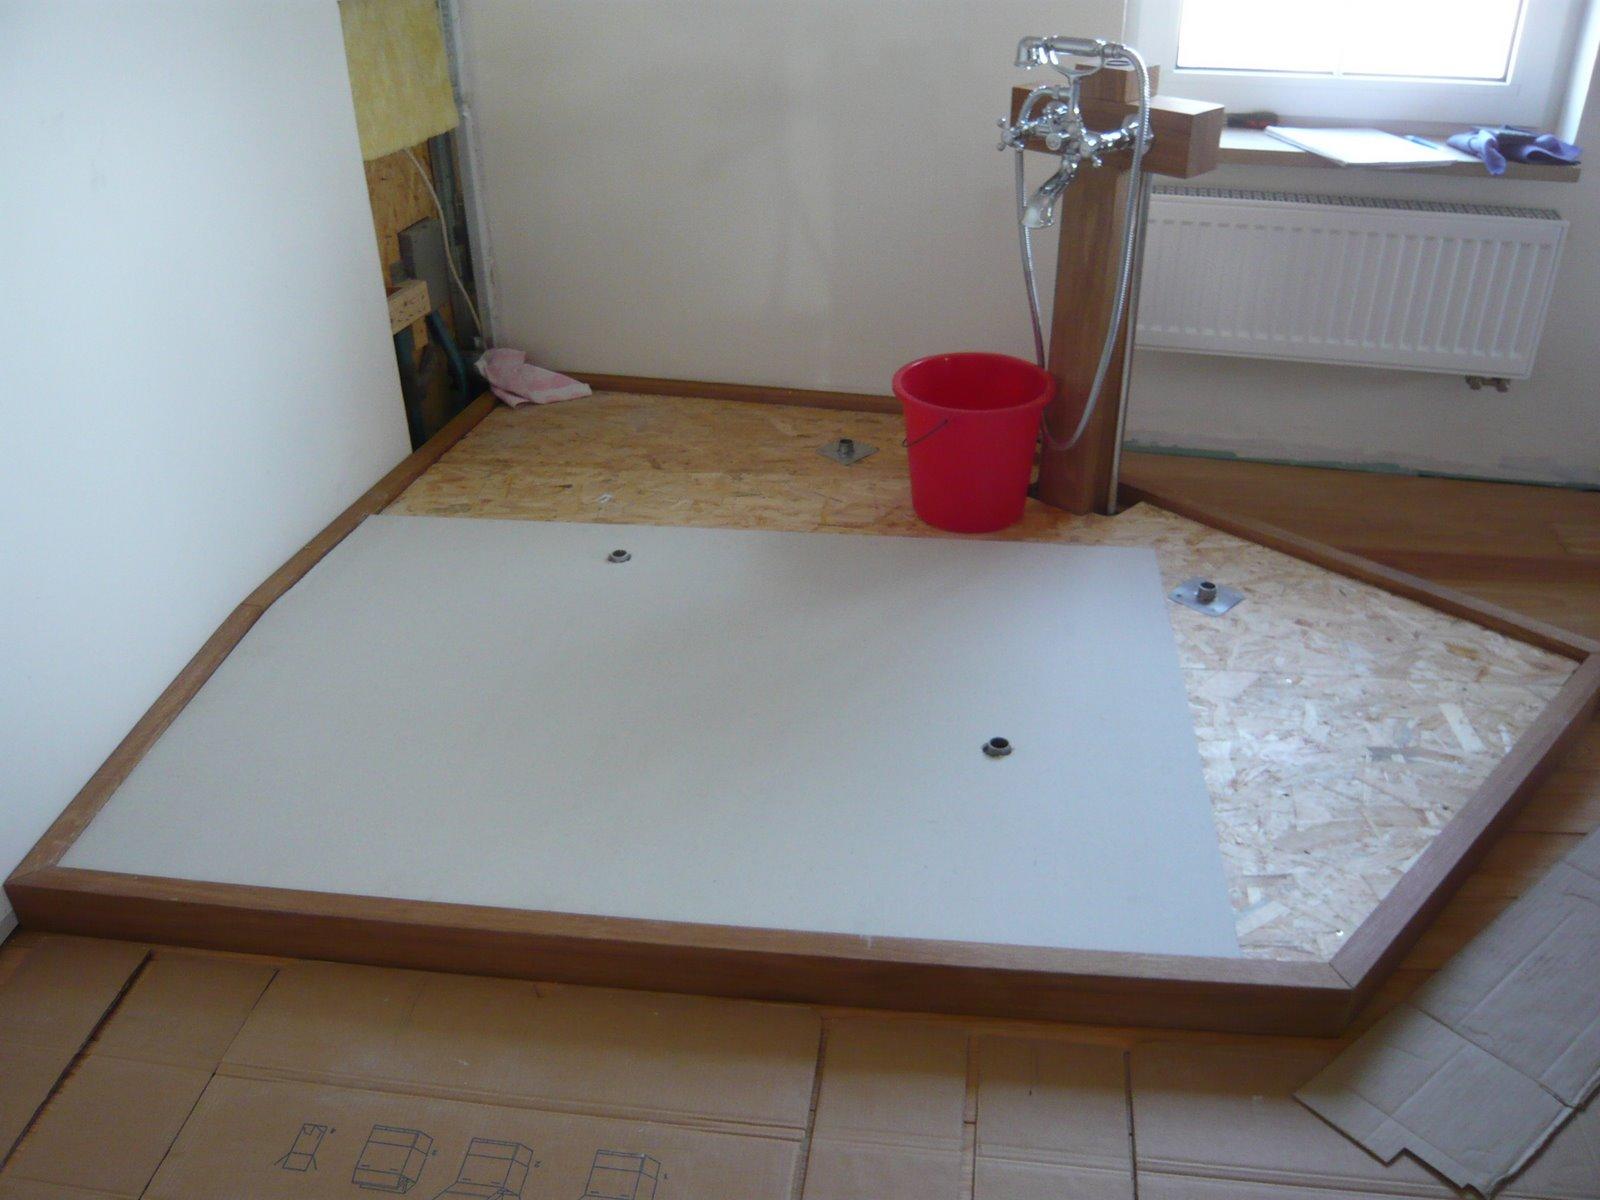 fermacell platte latest fr die optimale sind beide platten rckseitig zustzlich mit einem. Black Bedroom Furniture Sets. Home Design Ideas